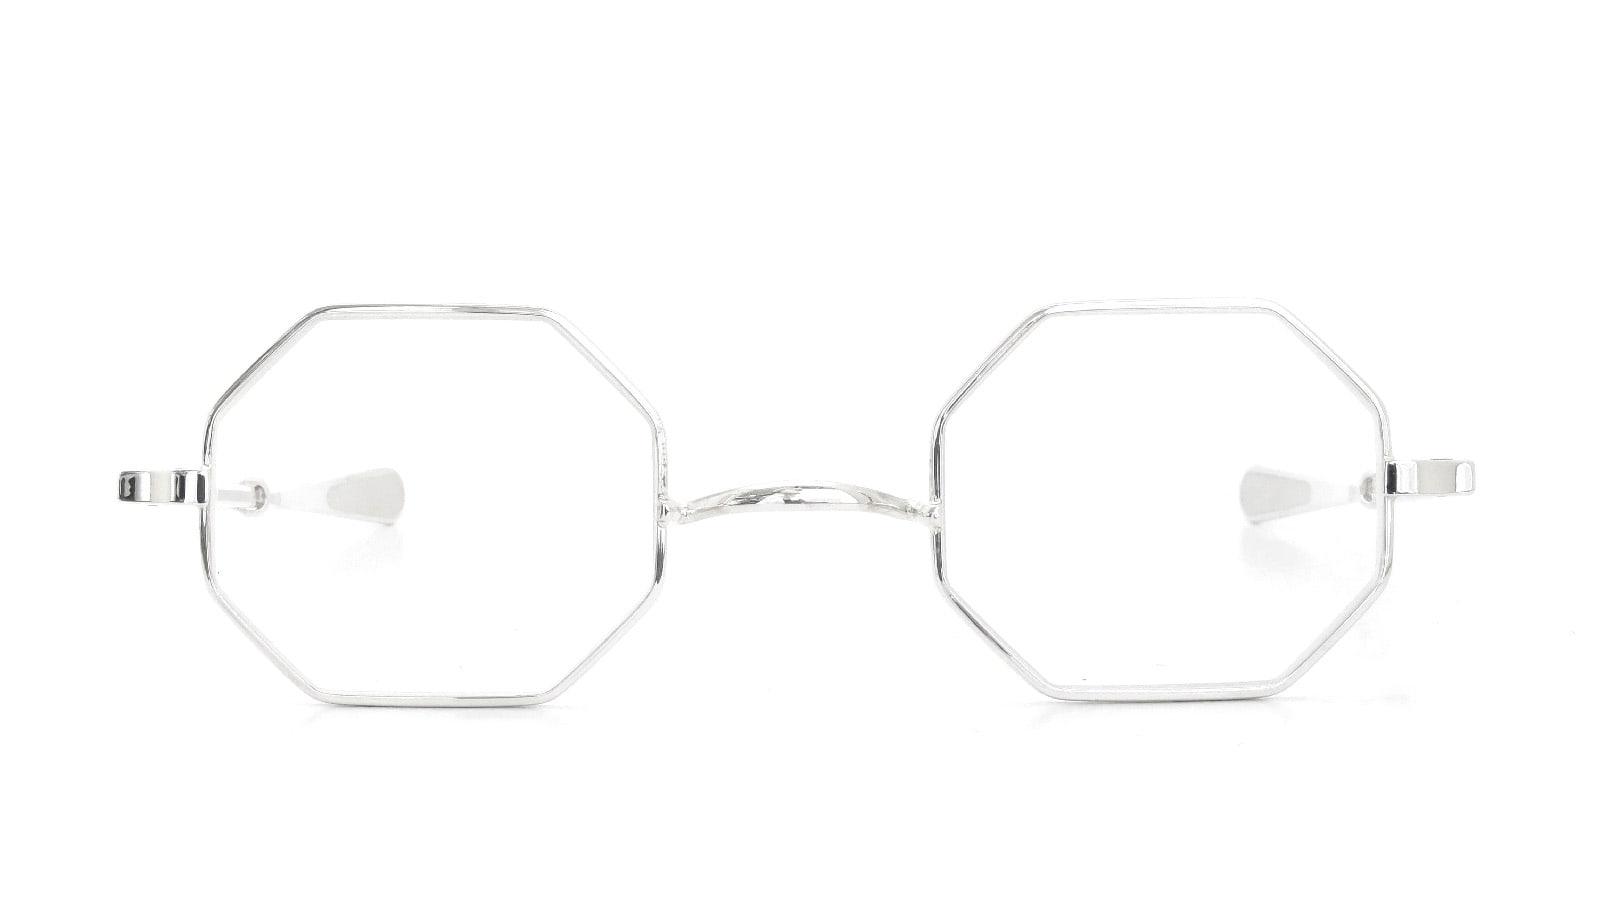 GERNOT LINDNER GL150 mod.158 Medium-Bridge Adjustable SN-X (Silver without coating) 2